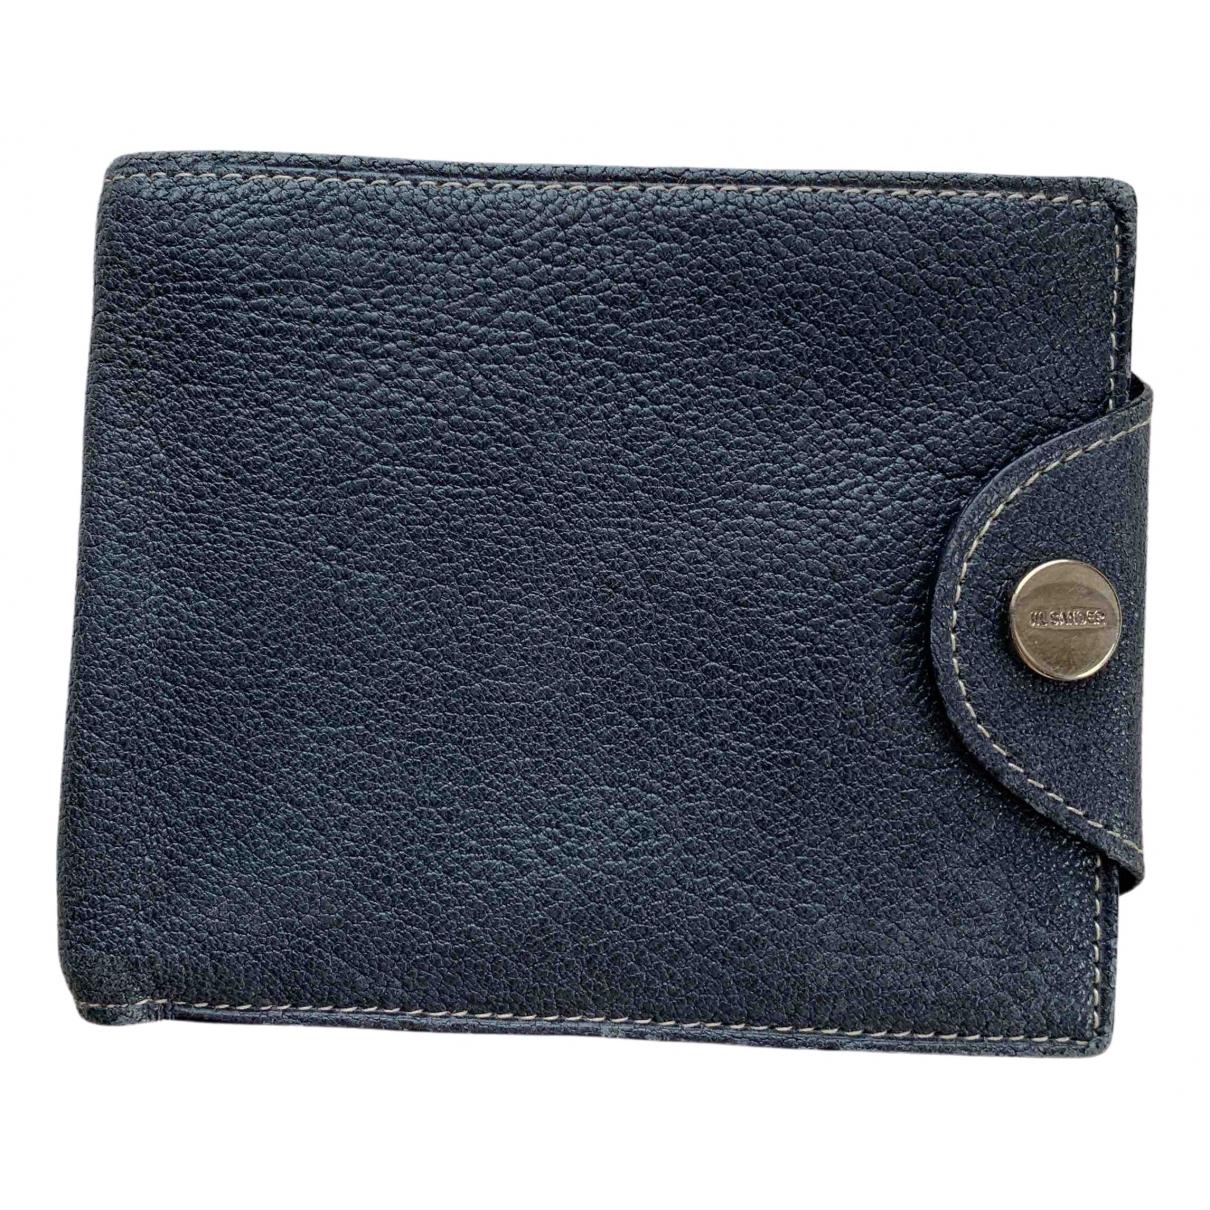 Jil Sander - Portefeuille   pour femme en cuir - bleu